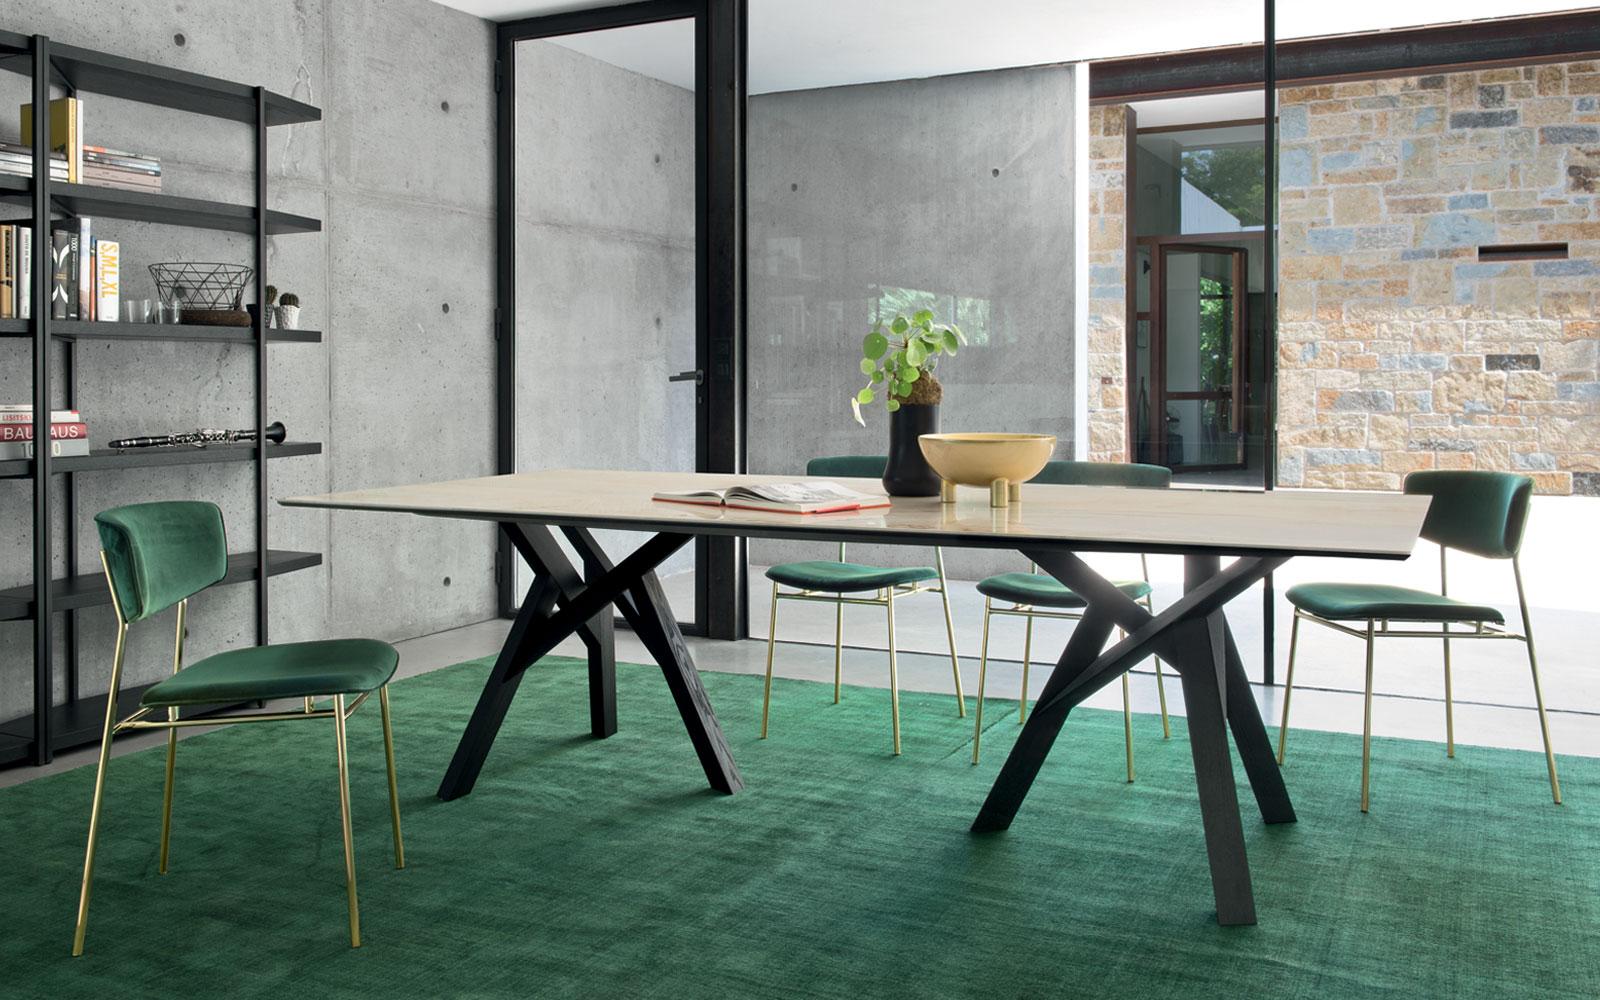 Arredare casa con il verde greenery arredobene for Casa design arredamenti